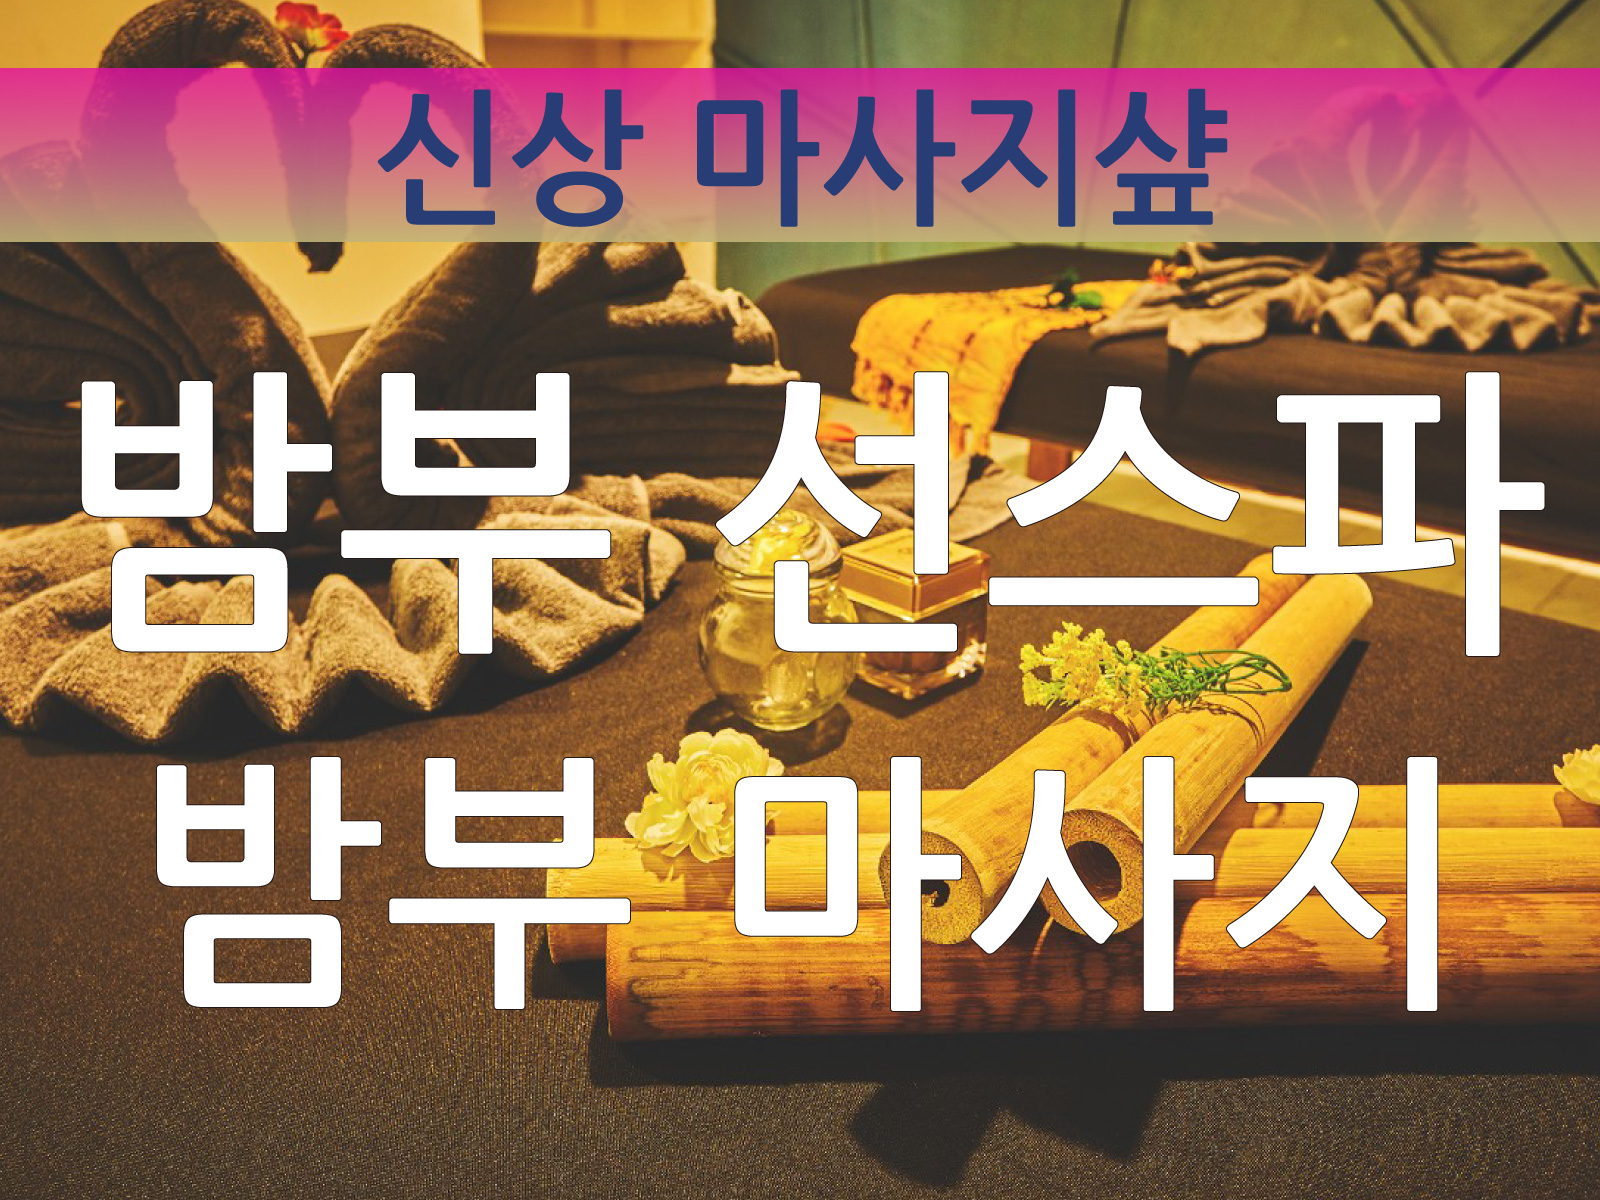 [보라카이 마사지] 밤부선스파 - 밤부마사지 - 1시간, 2시간